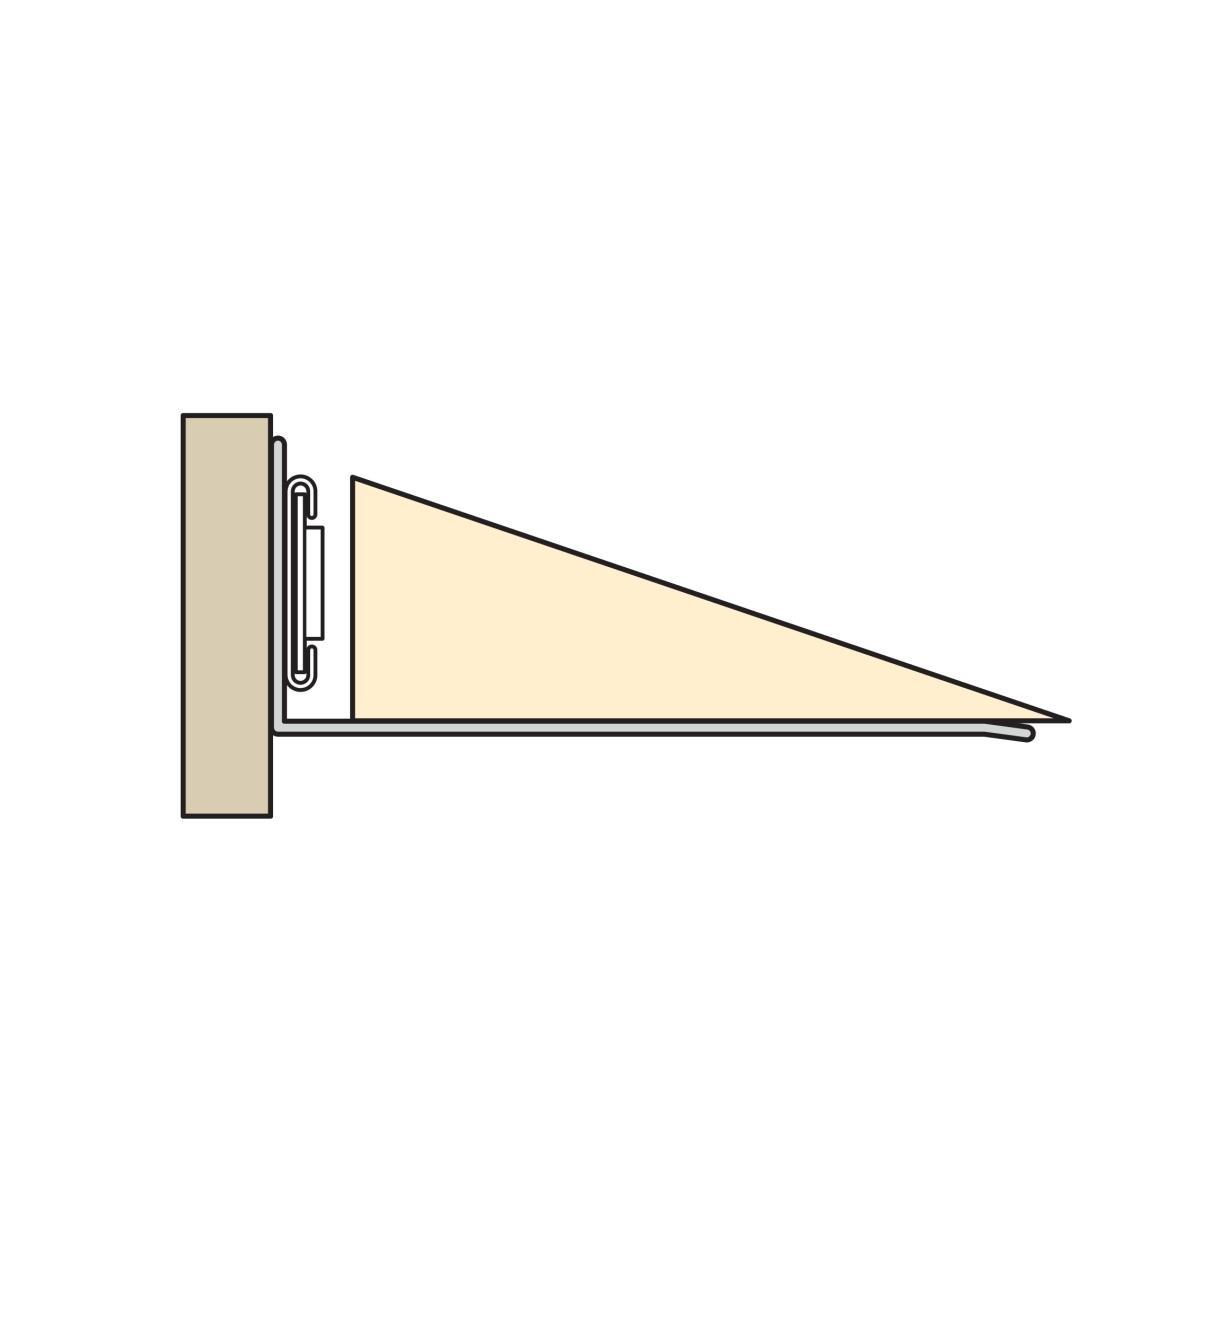 17K1540 - L-Bracket/Support